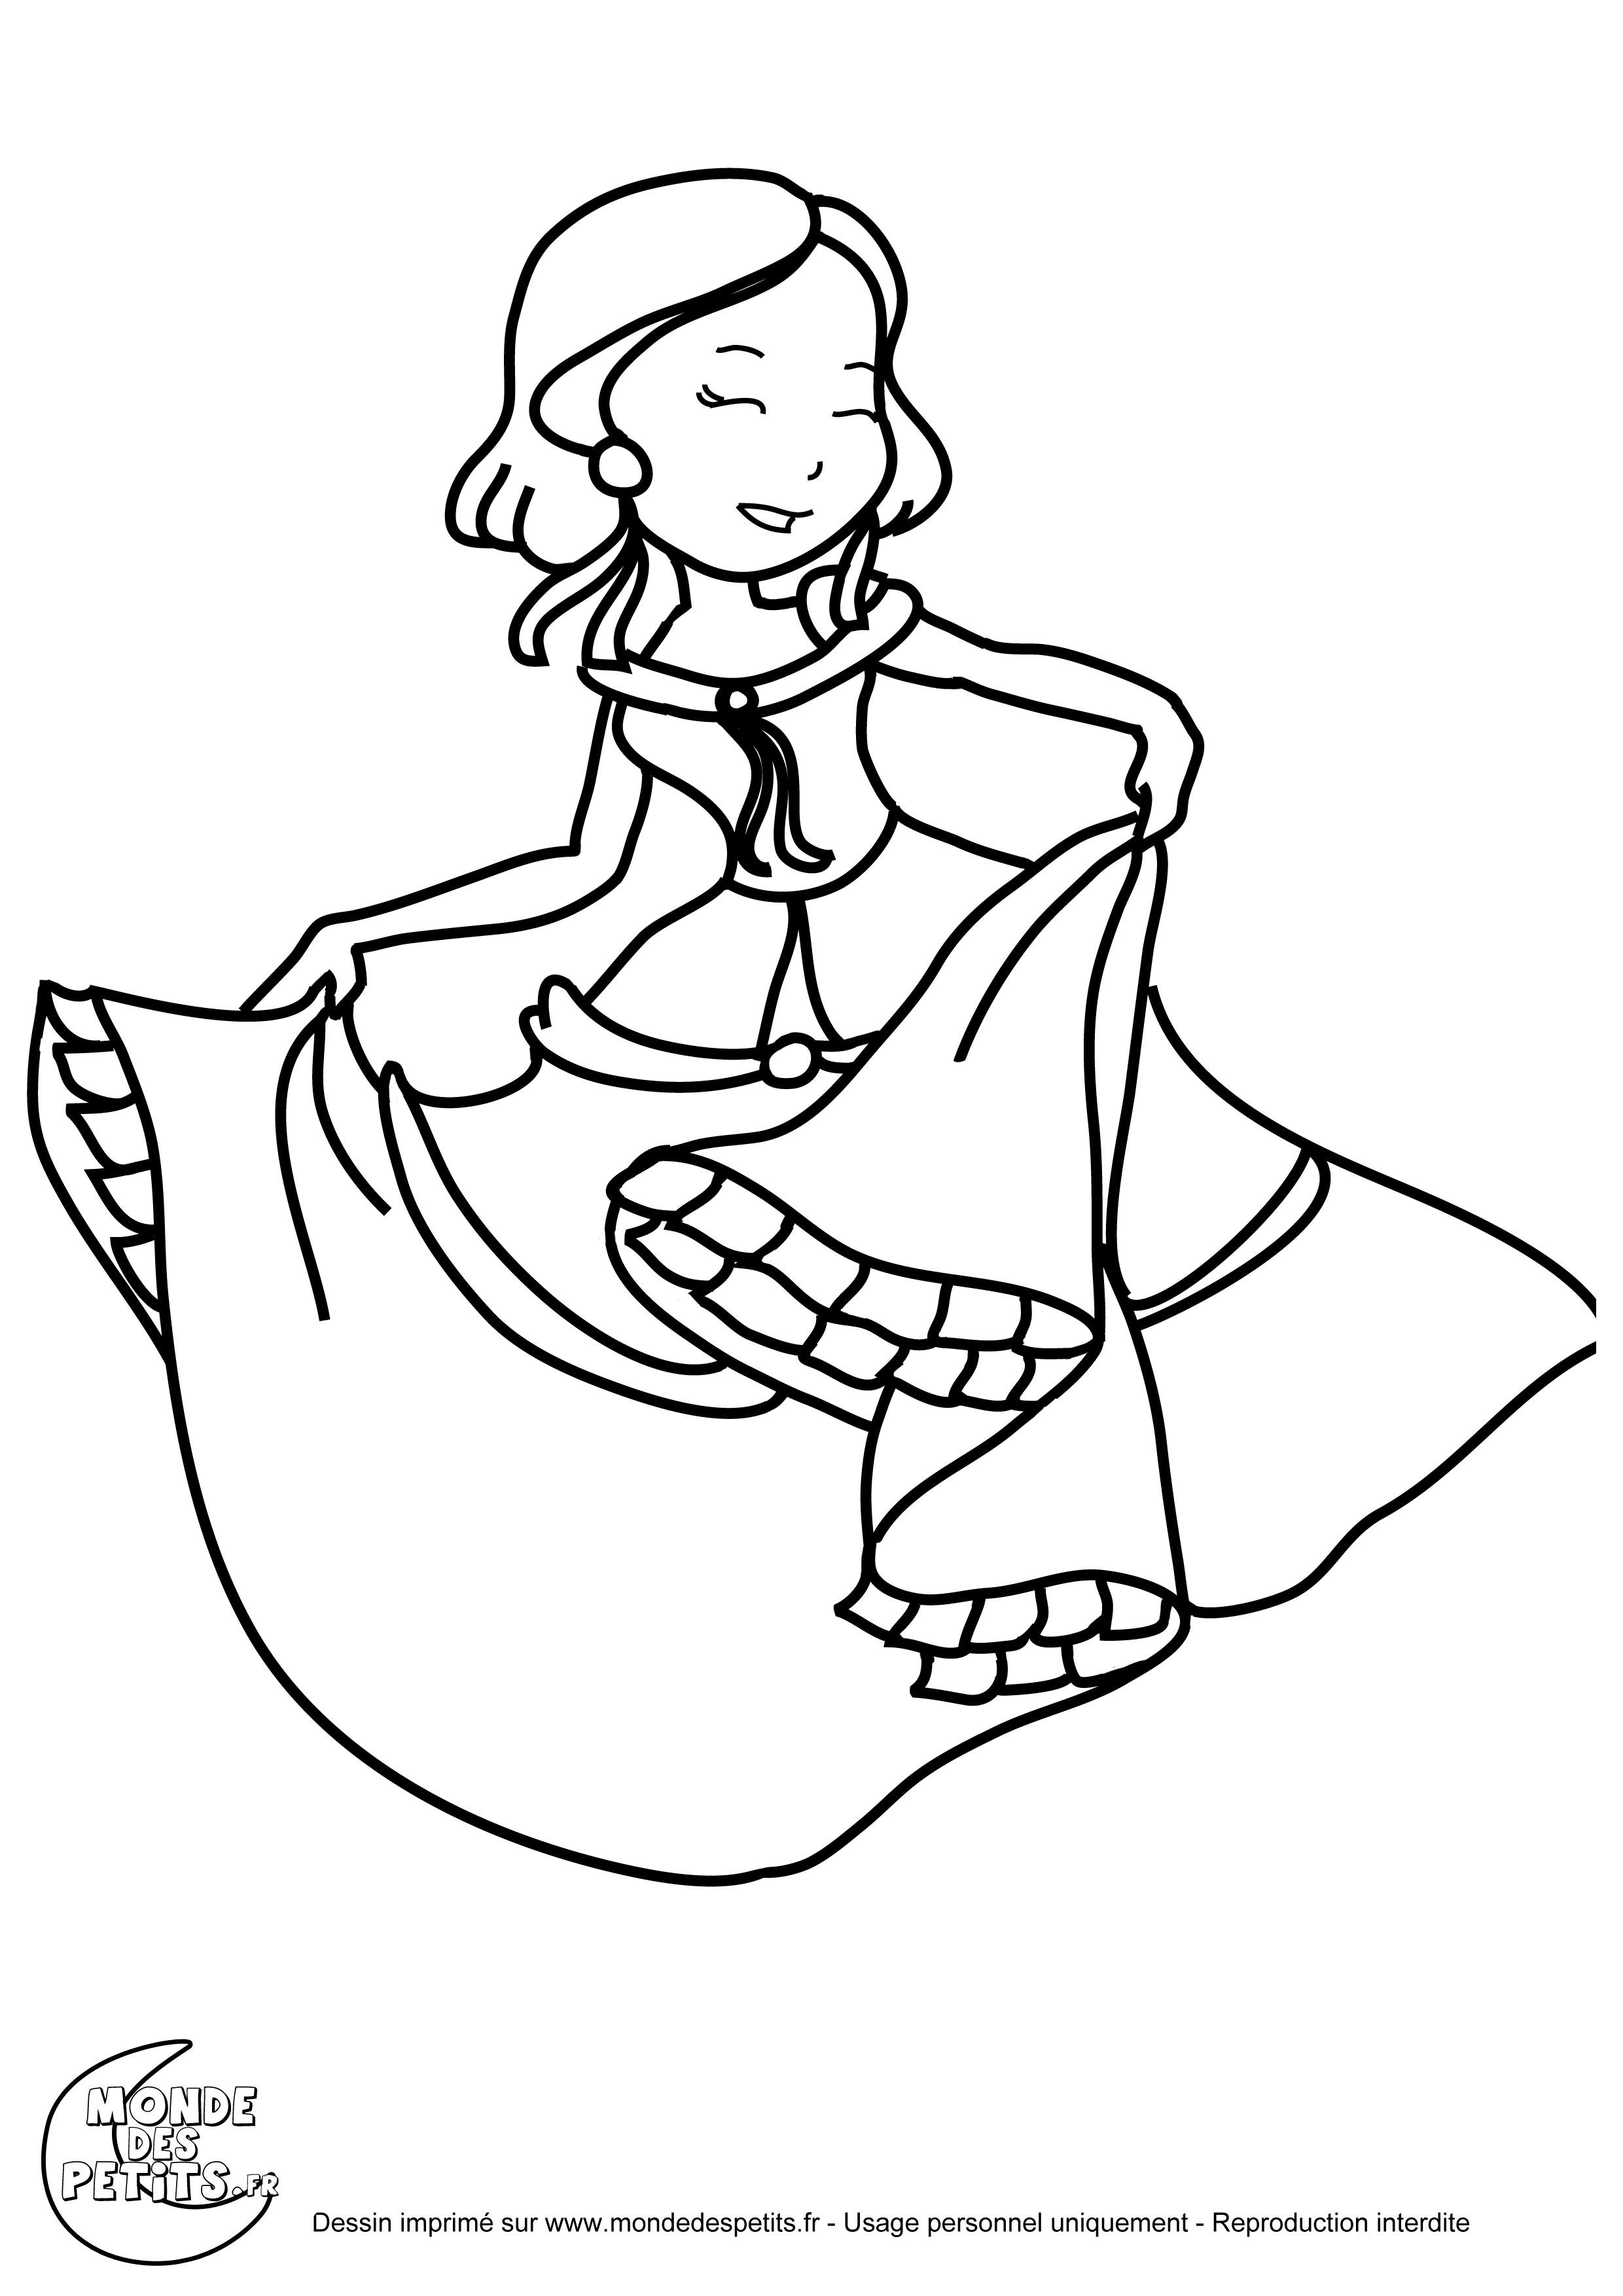 Coloriage Princesse Danse.Monde Des Petits Coloriages A Imprimer